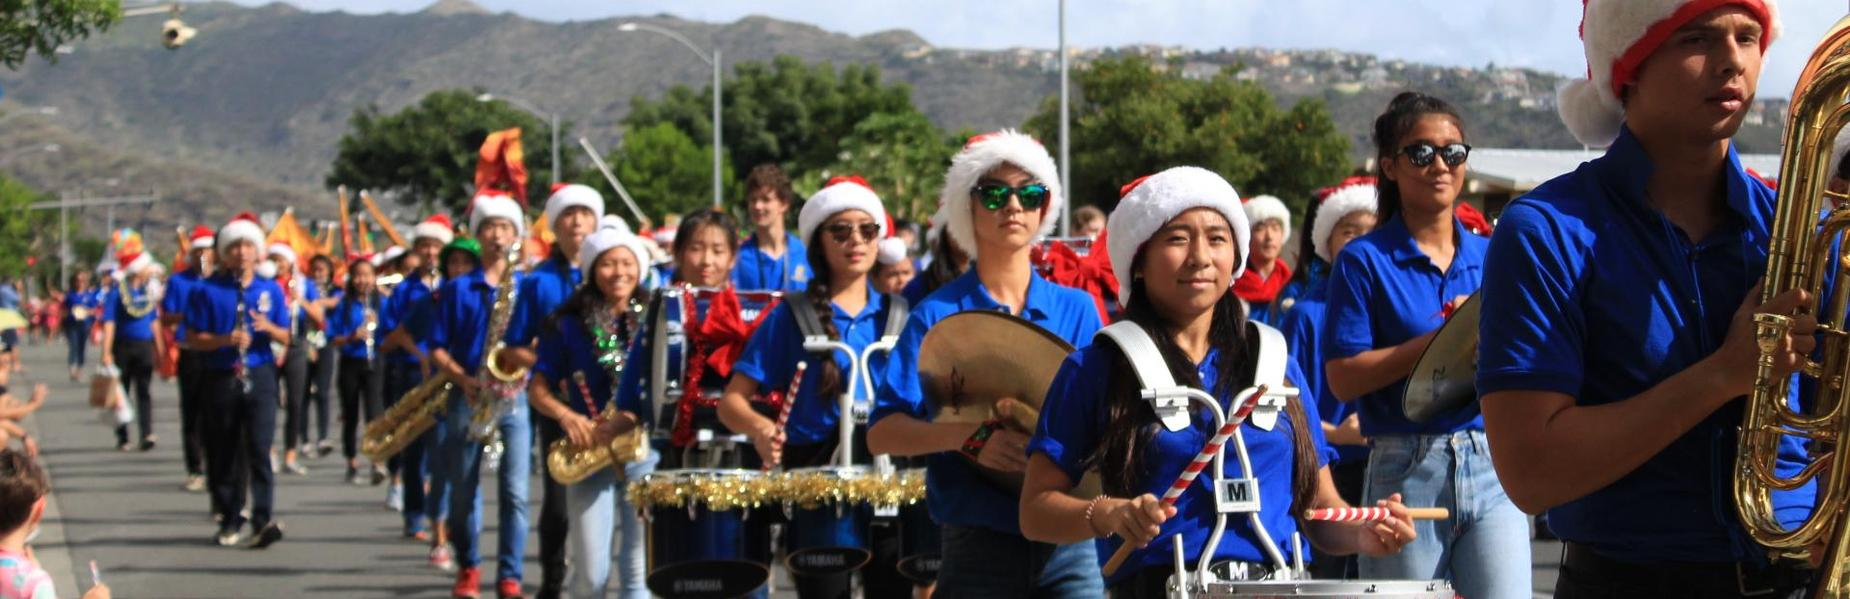 Cougar band in holiday parade